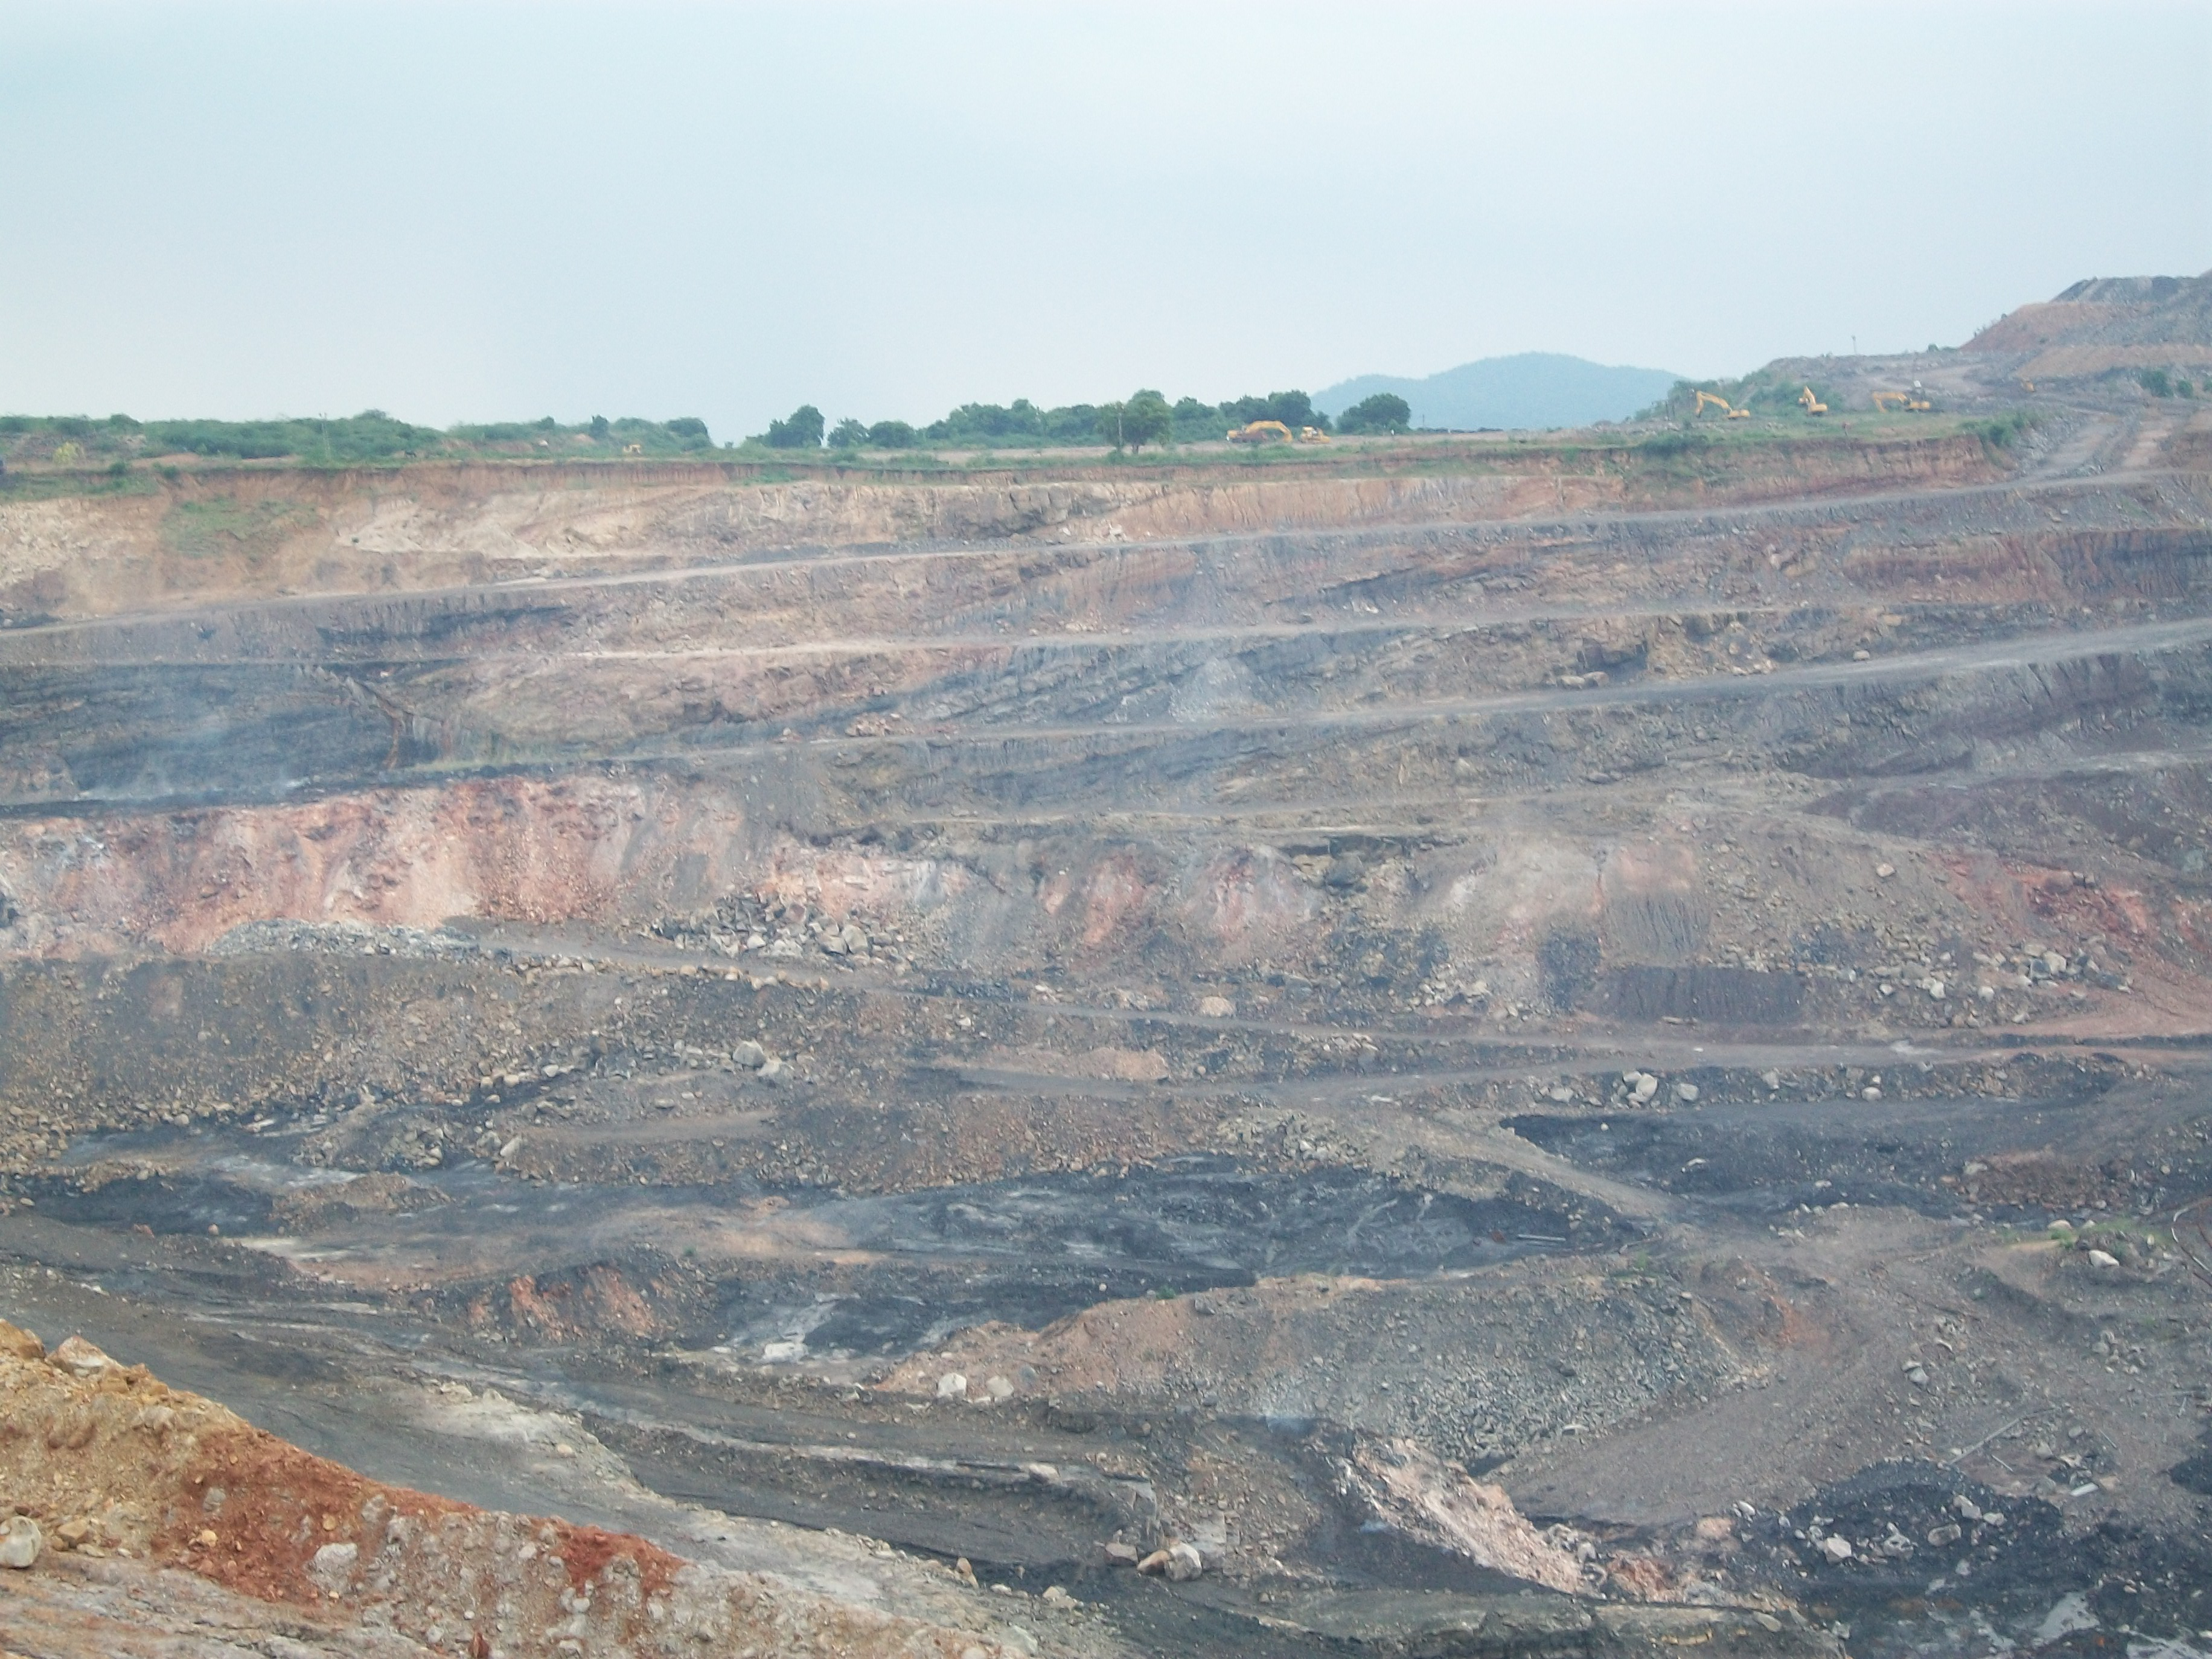 singereni coal mines Singareni colleries and coal mining in manuguru singareni collieries is khammam district manuguru singareni coal mines khammam andhra pradesh.